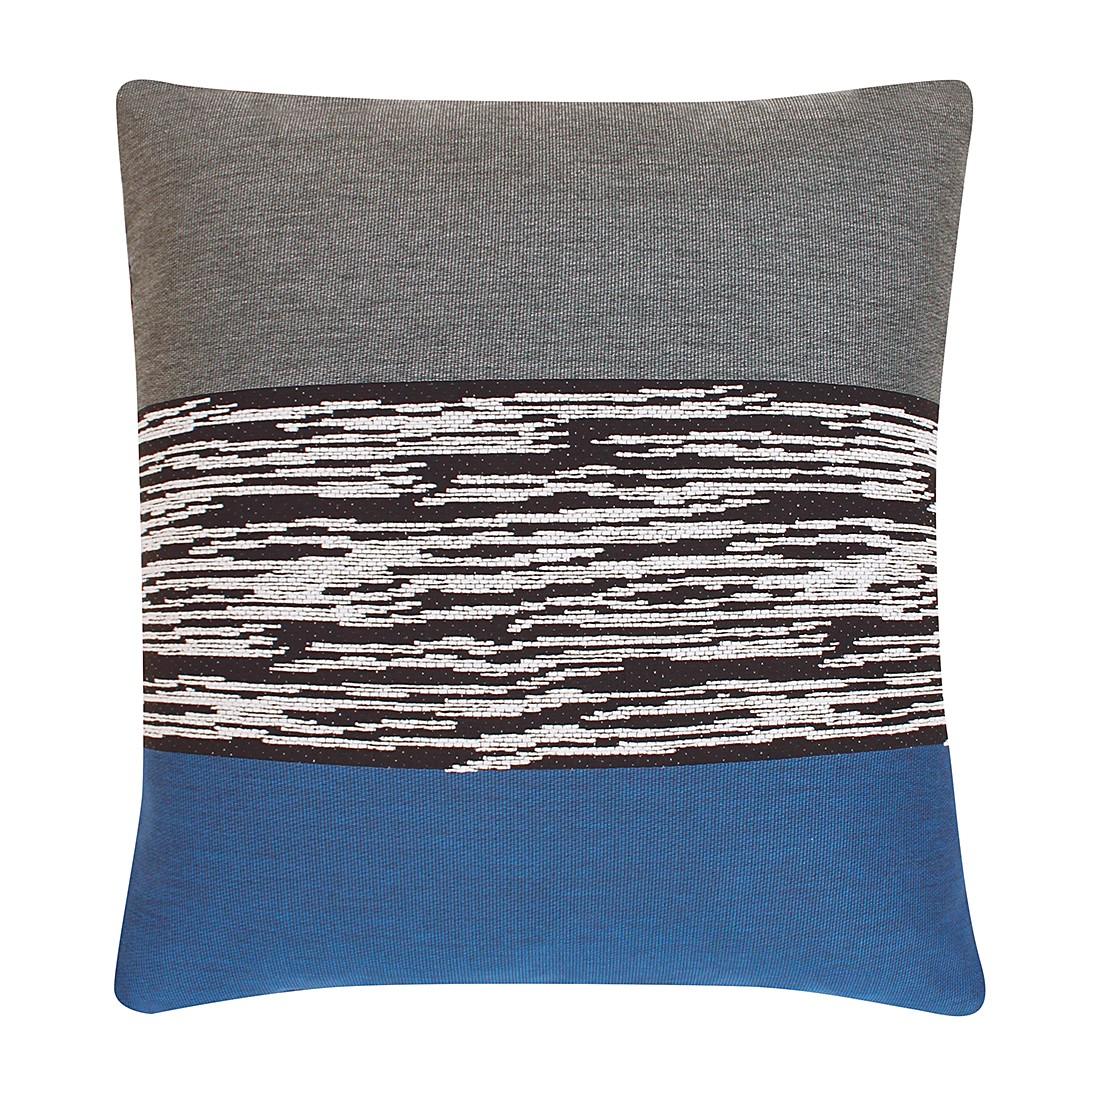 Kissenhülle Studio – Blau/Grau, Apelt online kaufen